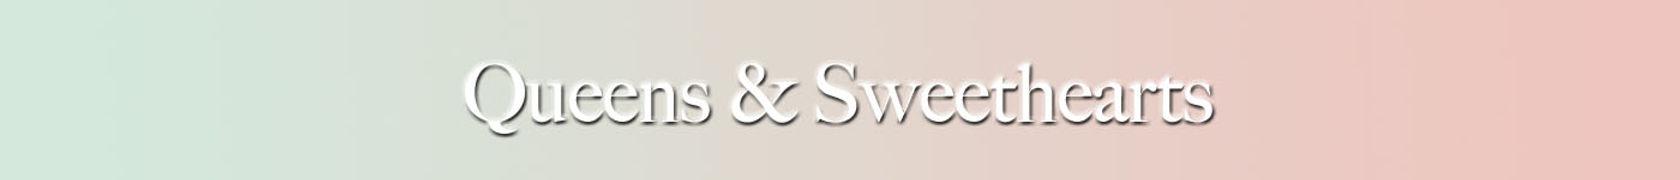 Queens & Sweethearts.jpg